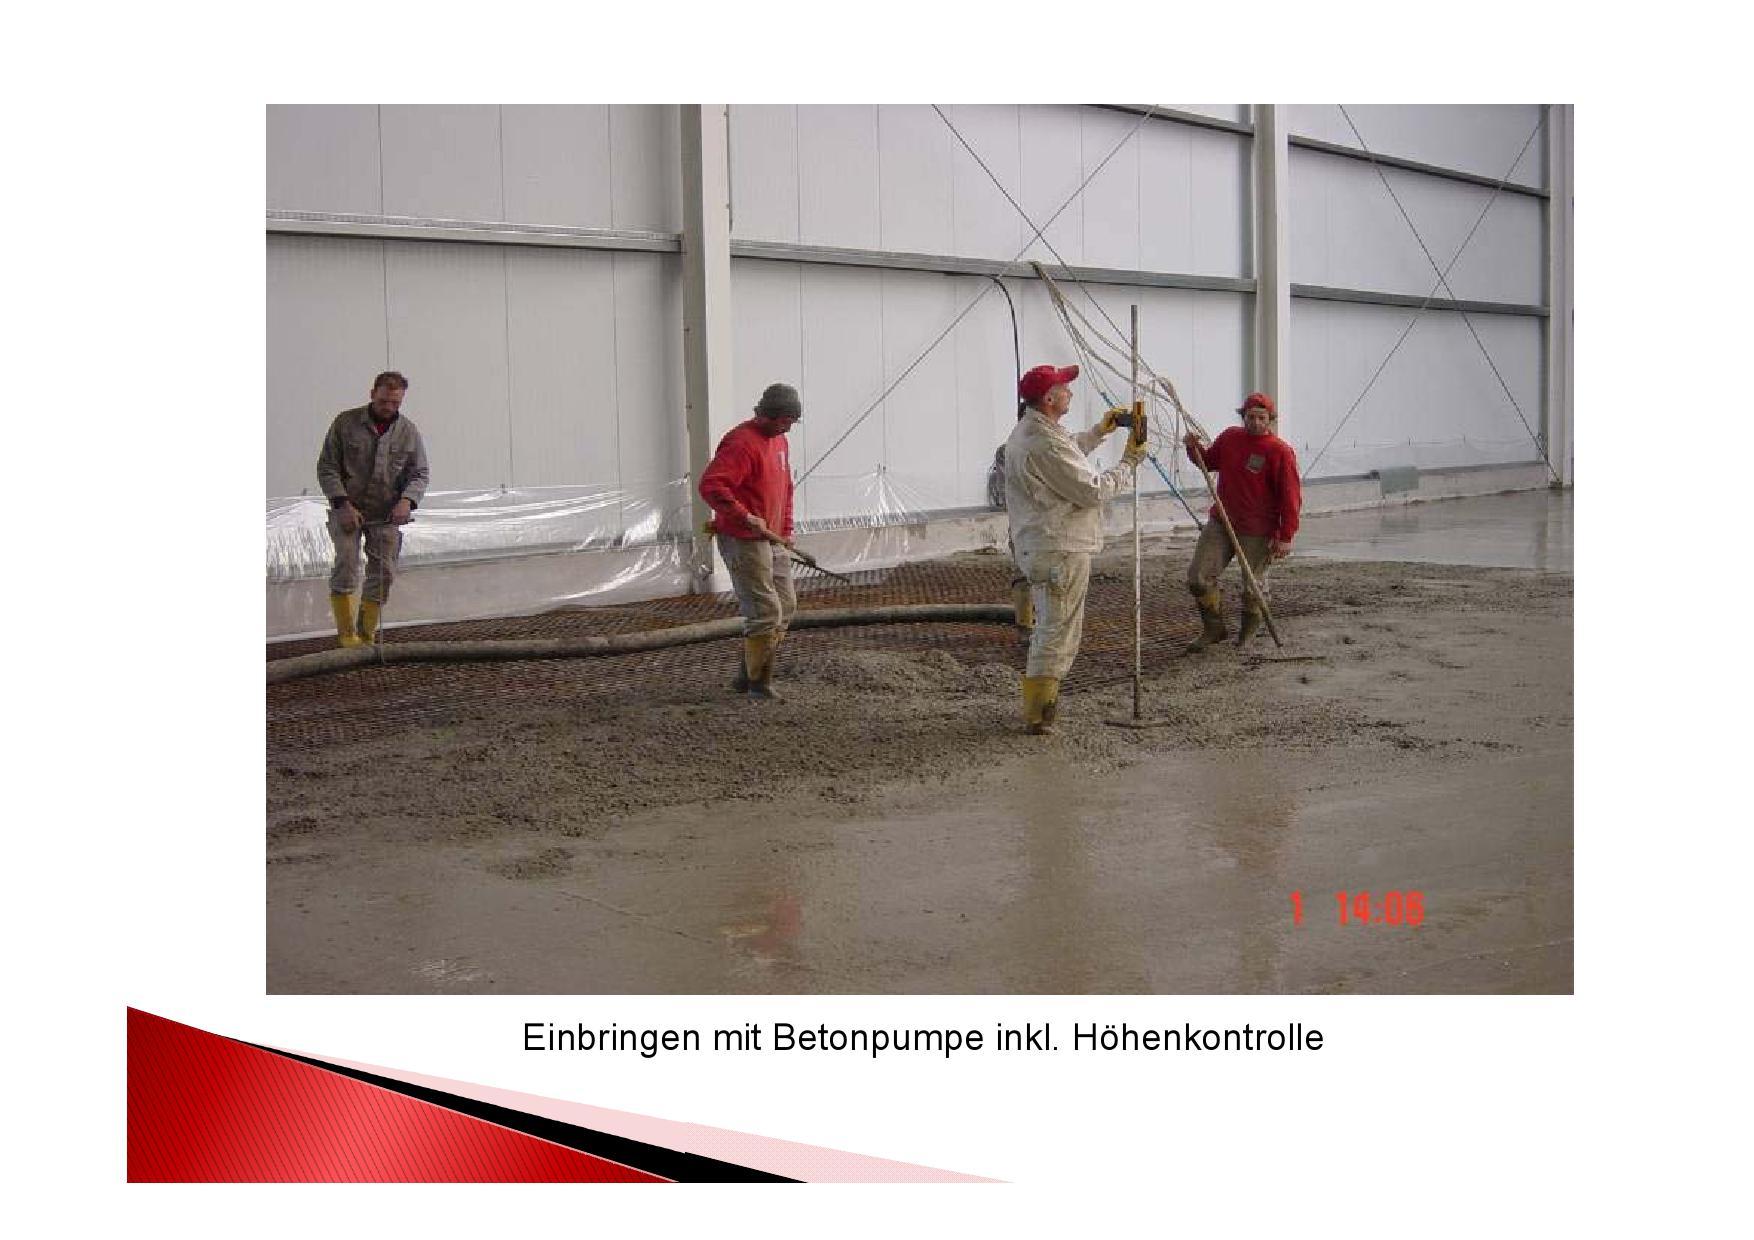 Einbringen Beton mit Betonpumpe mit exakter Höhenkontrolle